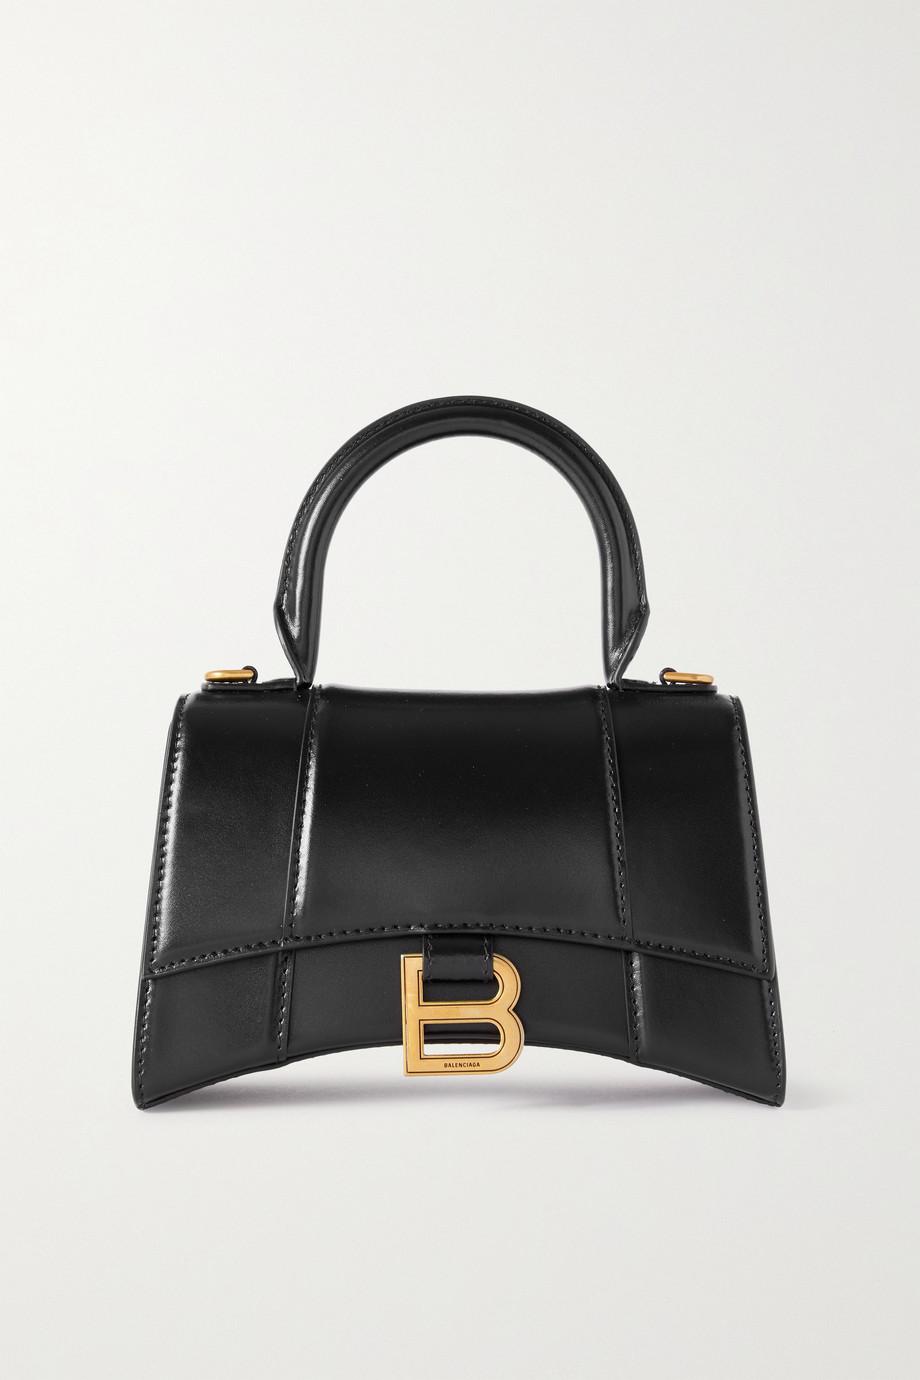 Balenciaga Sac à main en cuir Hourglass XS